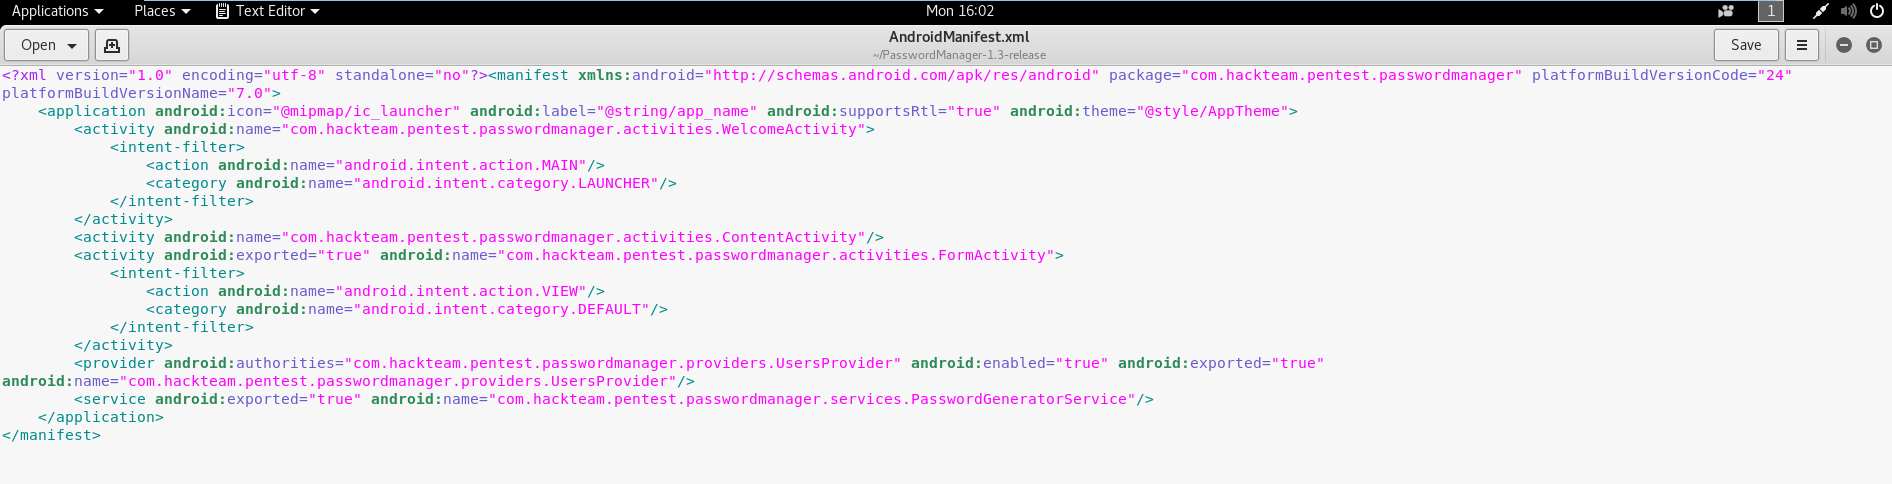 Применение методологии OWASP Mobile TOP 10 для тестирования Android приложений - 5